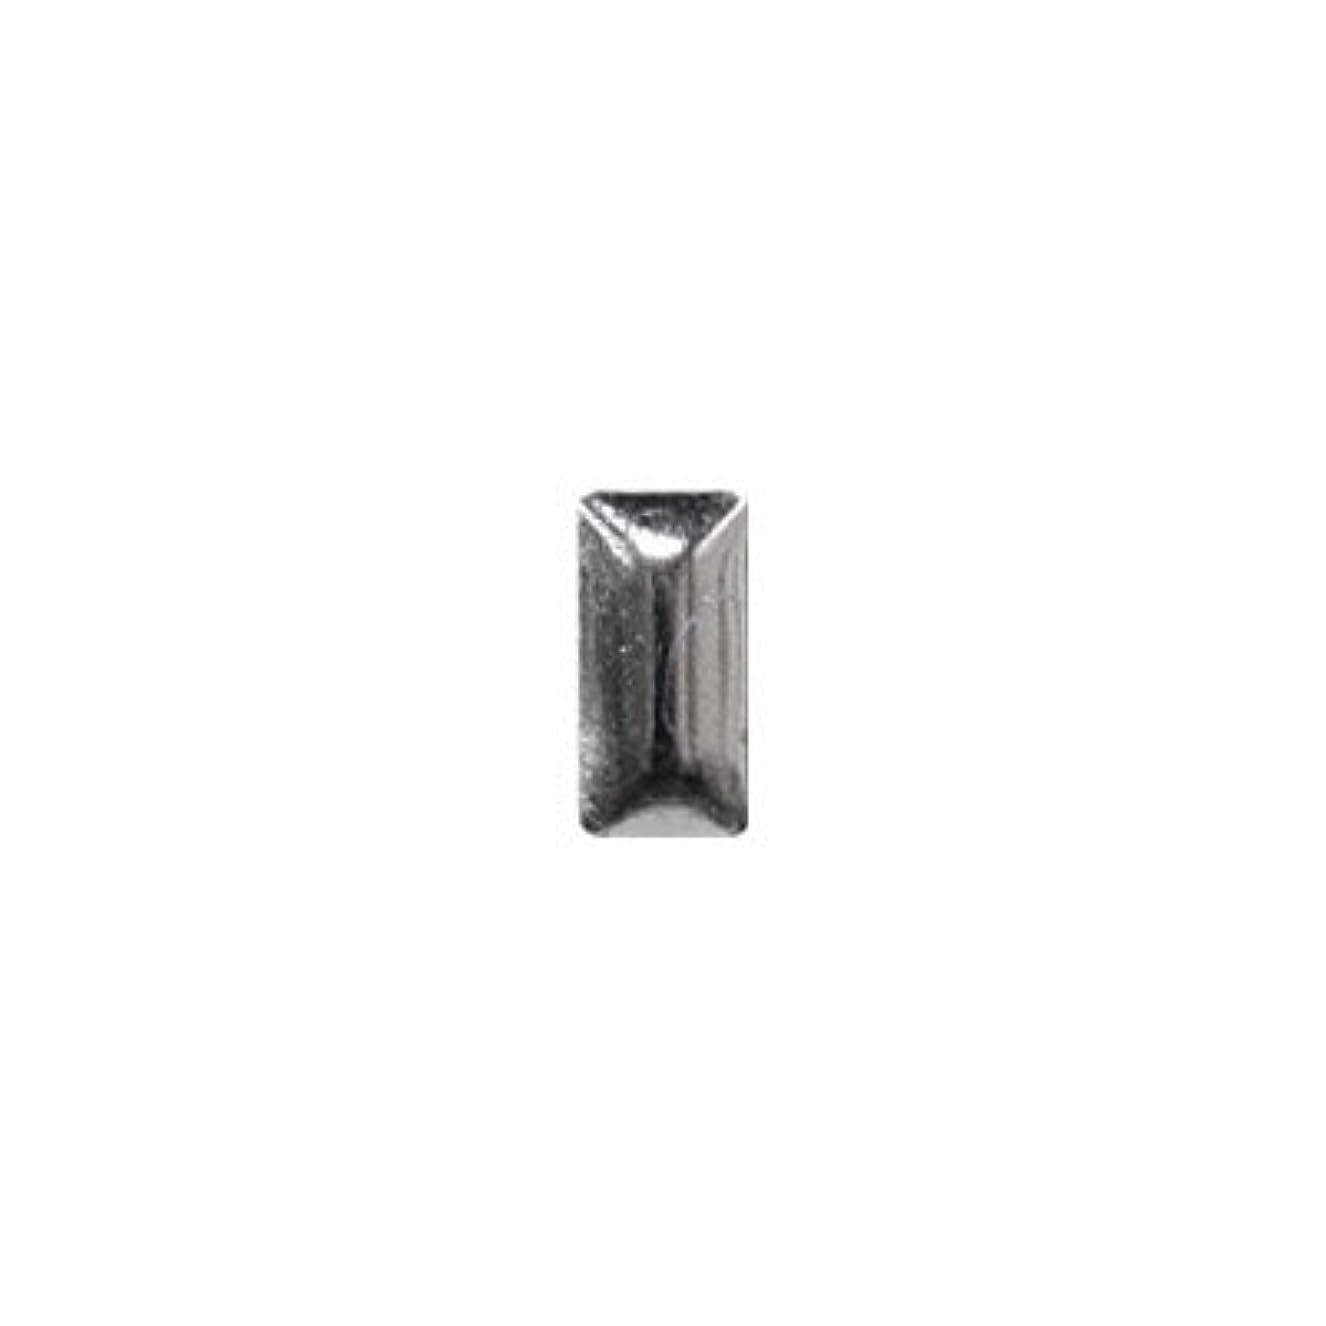 待ってその浴室ピアドラ スタッズ メタル長方形 2×4mm 50P シルバー